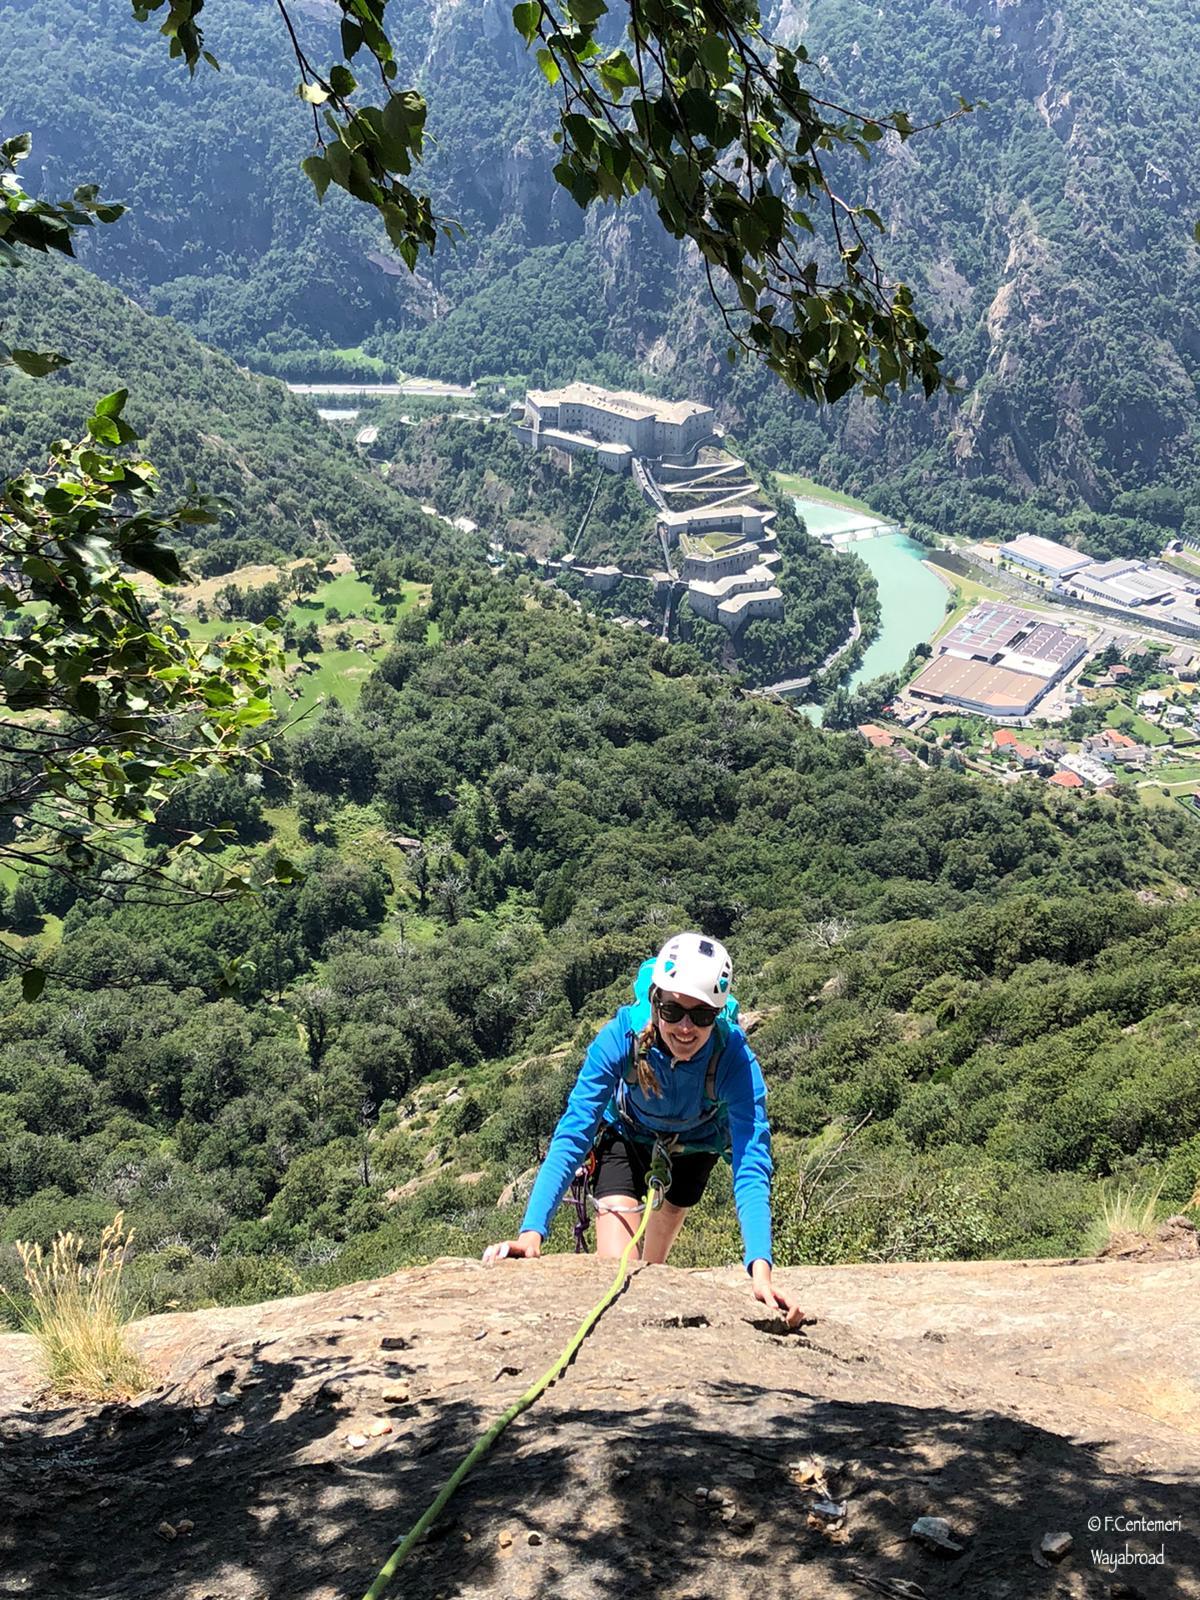 Via lunga Pilier del Forte: arrampicare con vista sul Forte di Bard